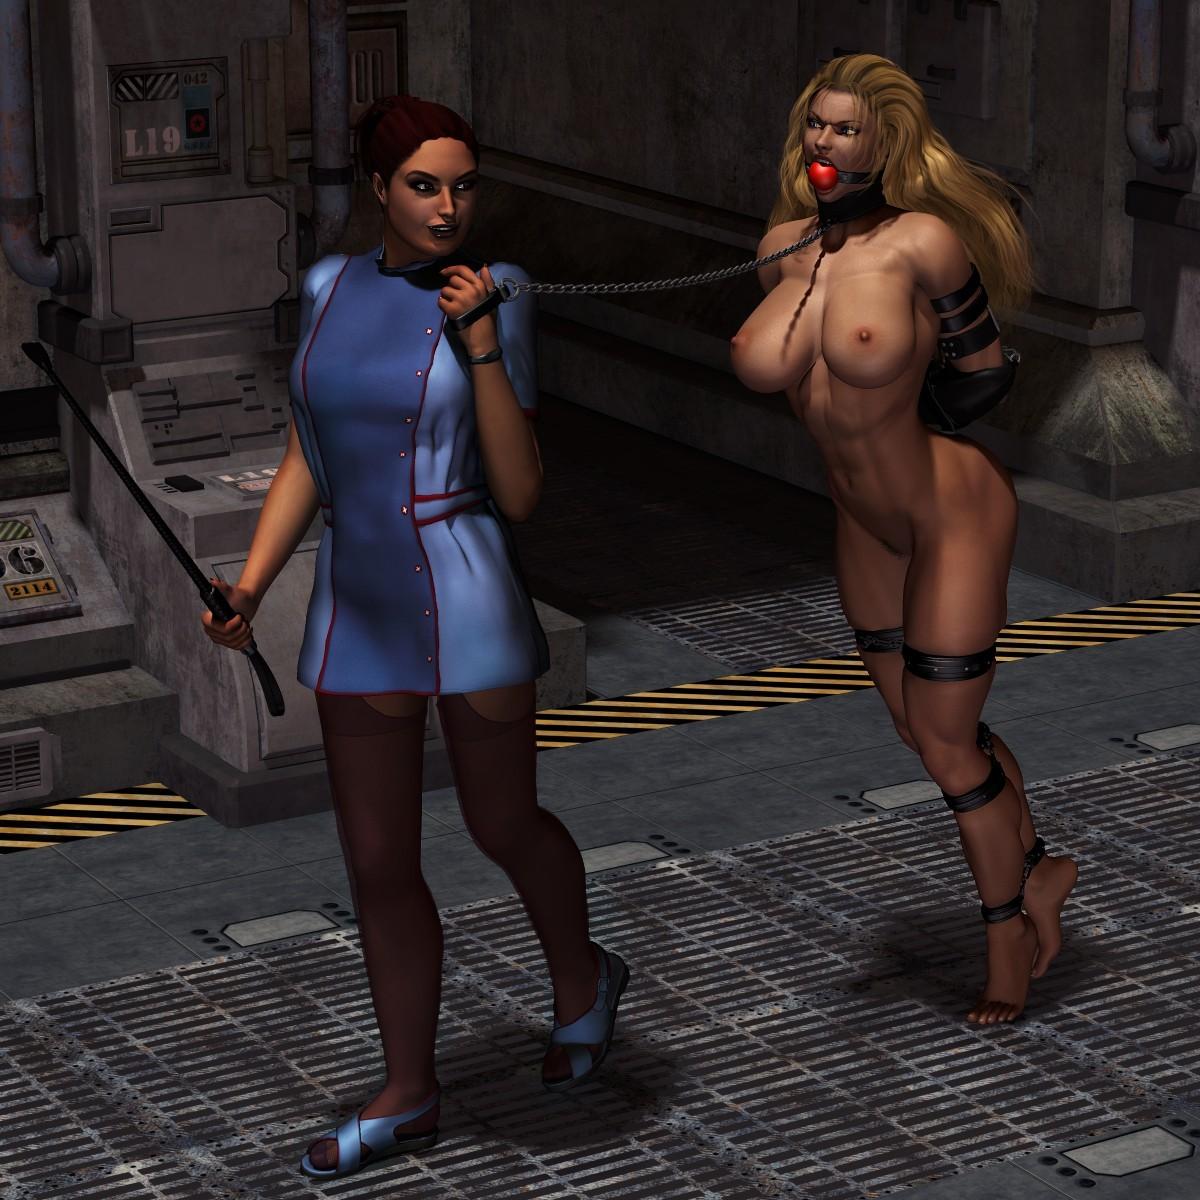 bondage-spy-girl-pamela-moore-nude